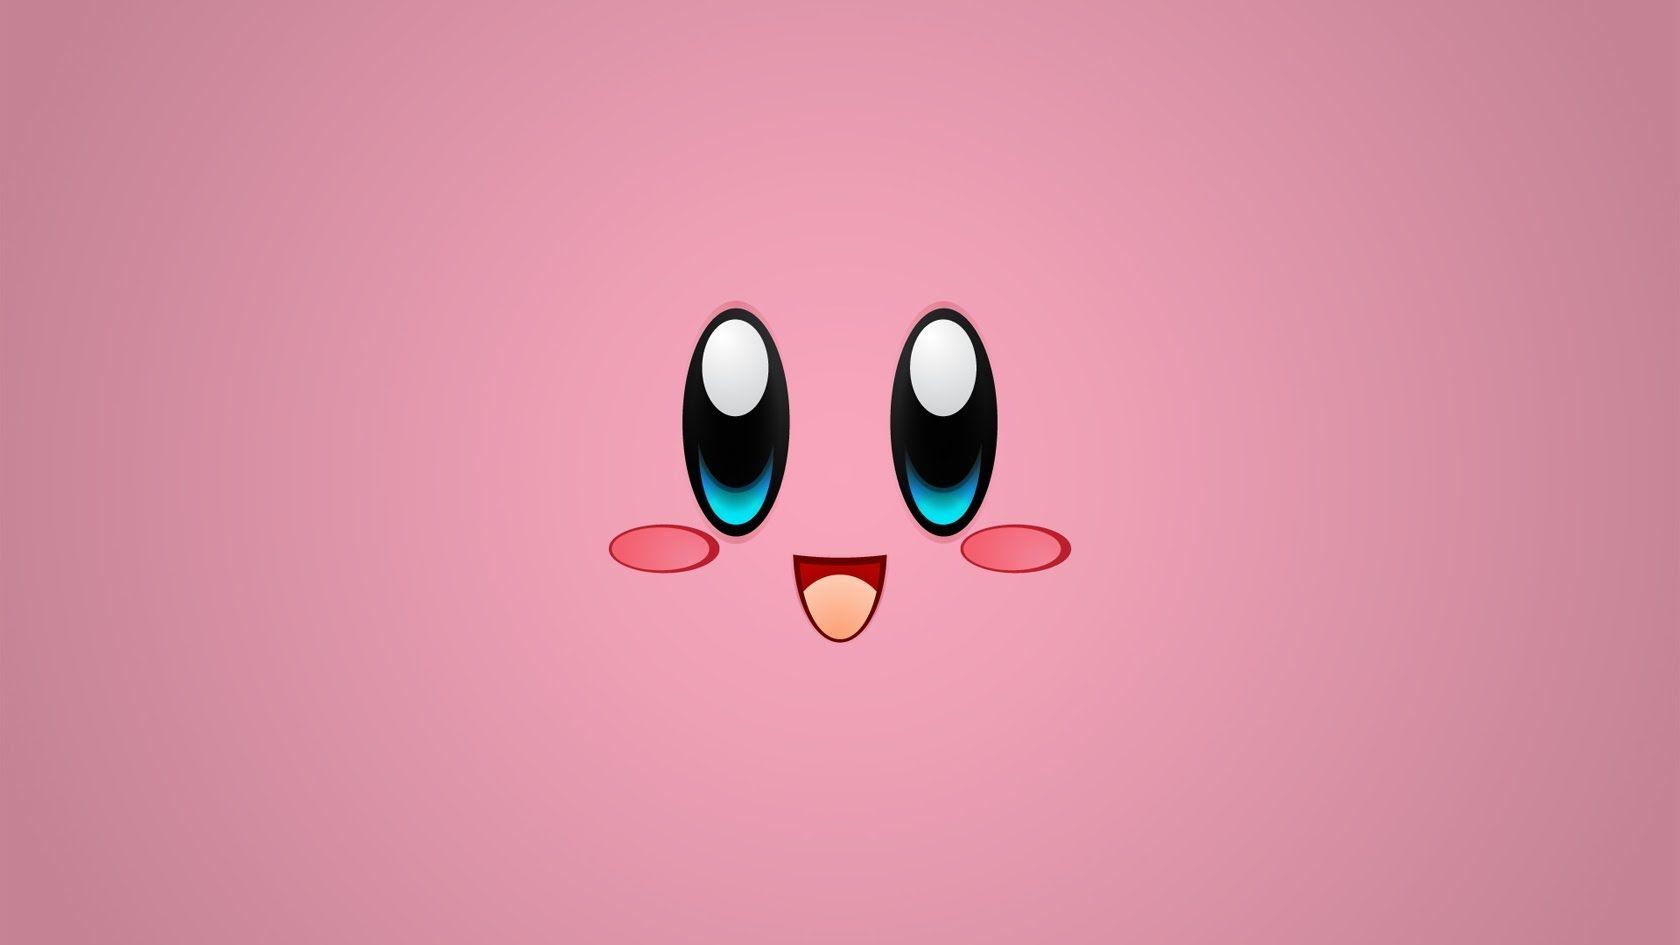 Kirby dubstep remix [10 hours] Cute desktop wallpaper